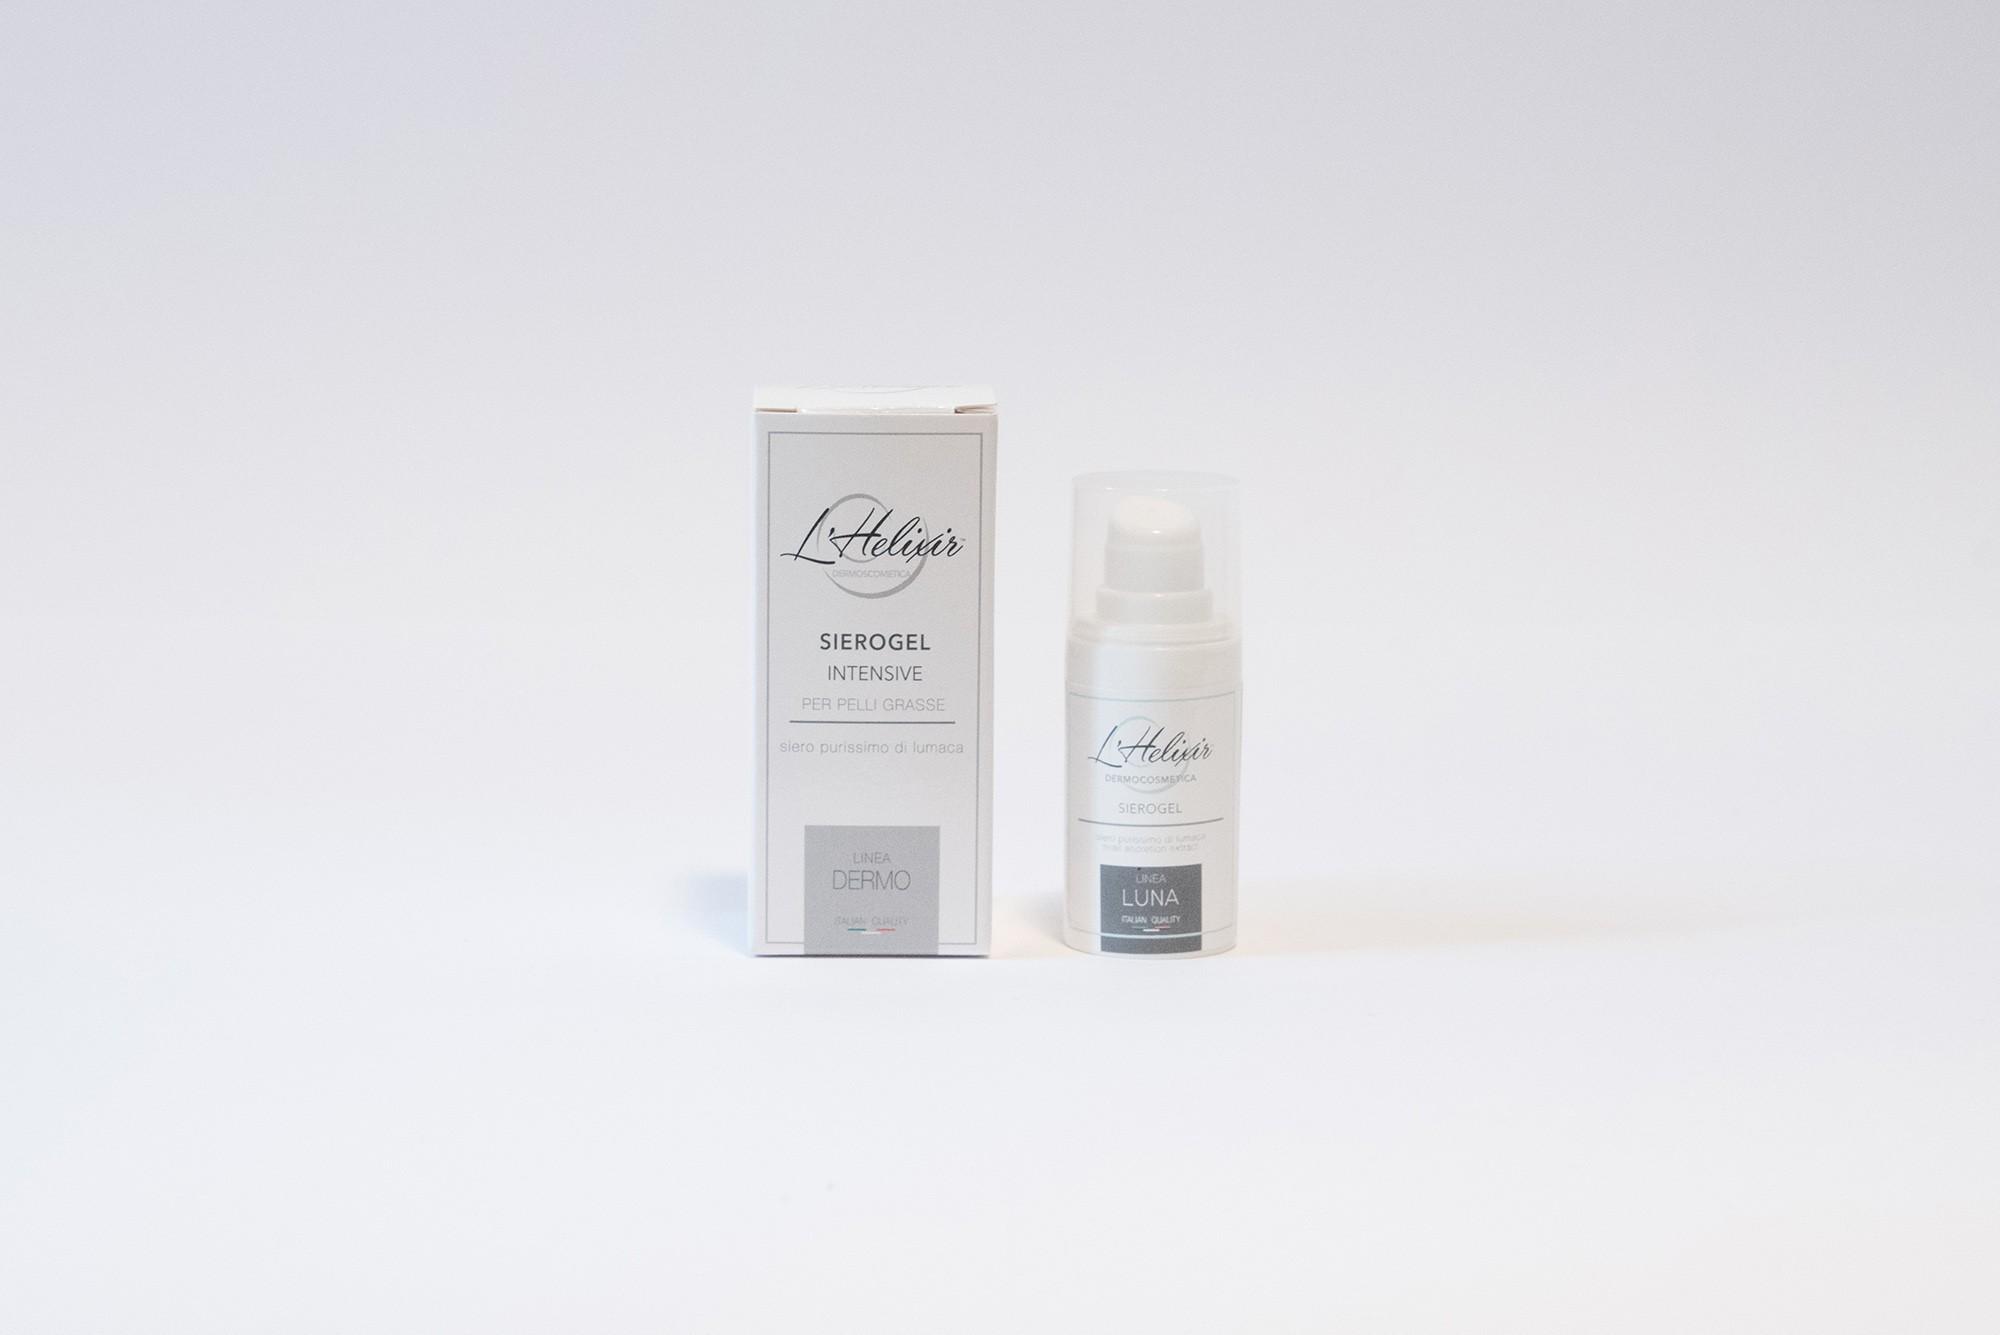 Siero Gel Intensive - 15ml - L'Helixir